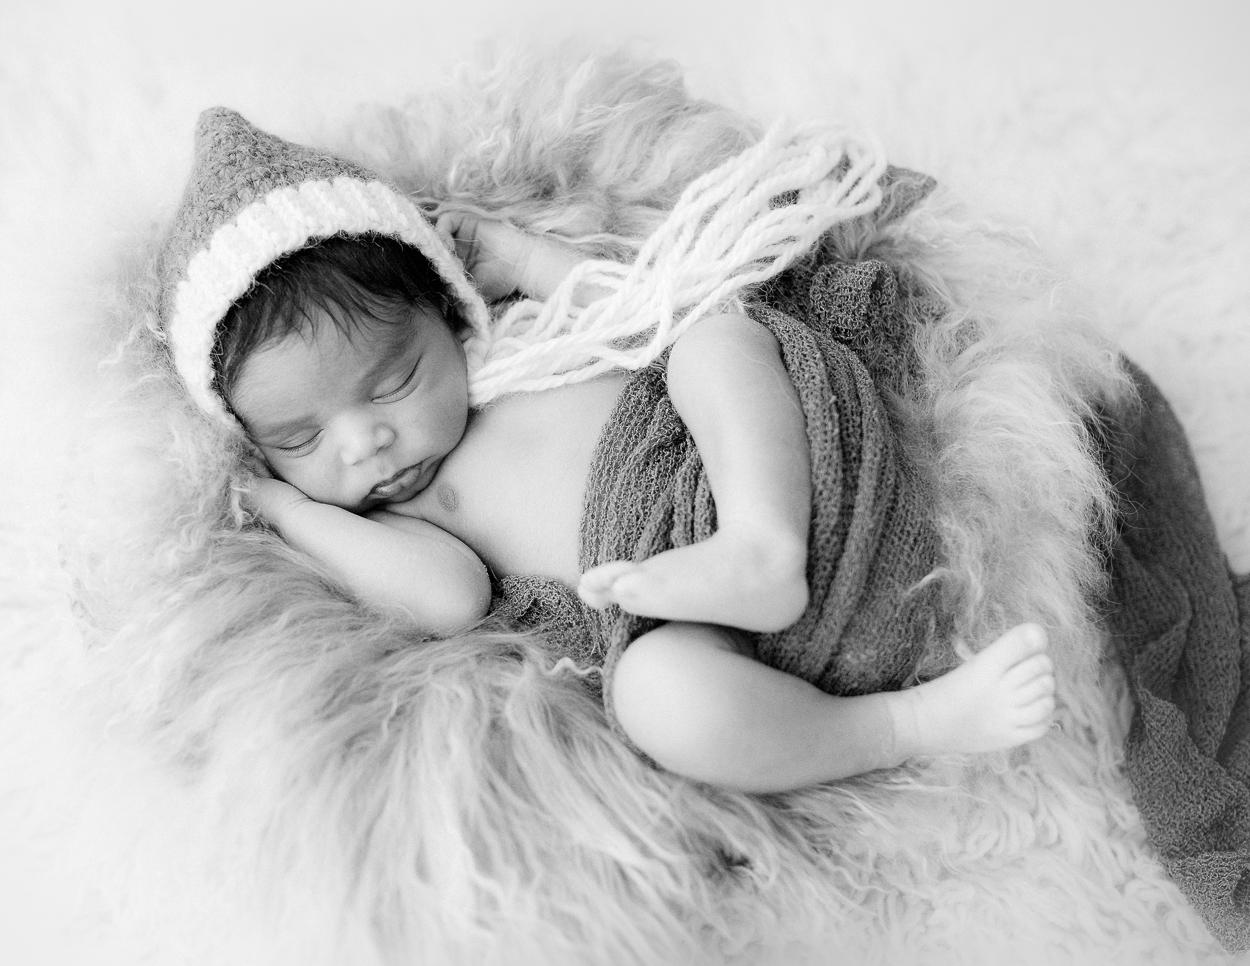 newborn_virginiaphotographer_fredericksburgnewborn_Richmondnewborn_youseephotography_babyboyA (26).JPG